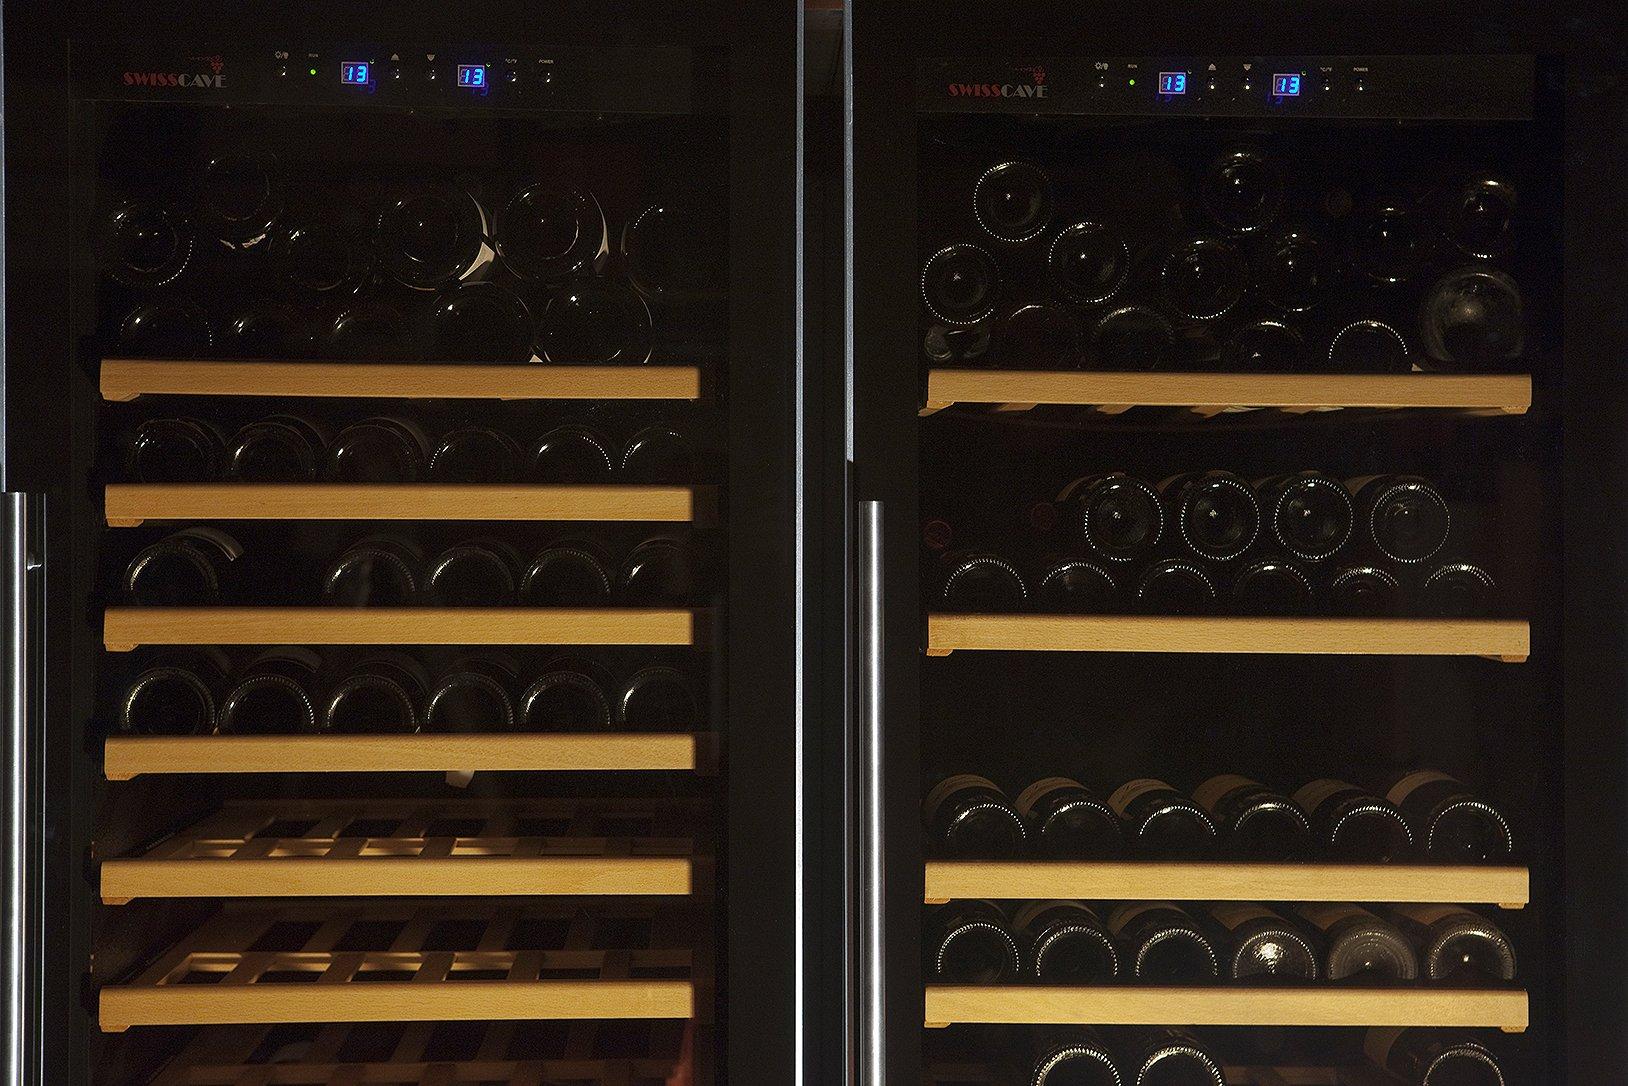 SWISSCAVE-Weinklimaschrank-220-Fl-inkl-Lieferung-aufs-Stockwerk-D-Weinkhlschrank-mit-Aktiver-Luftbefeuchtung-oder-2-Temp-Zone-optional-erhltlich